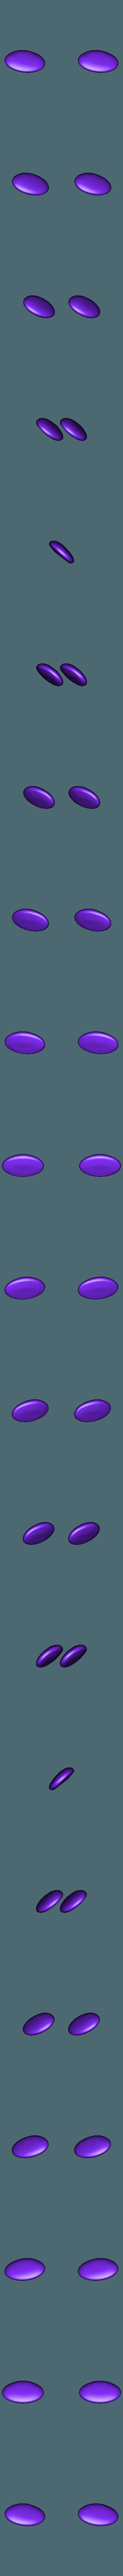 socles.obj Download OBJ file 10 Intergalactic Humanoids • 3D print object, Majin59